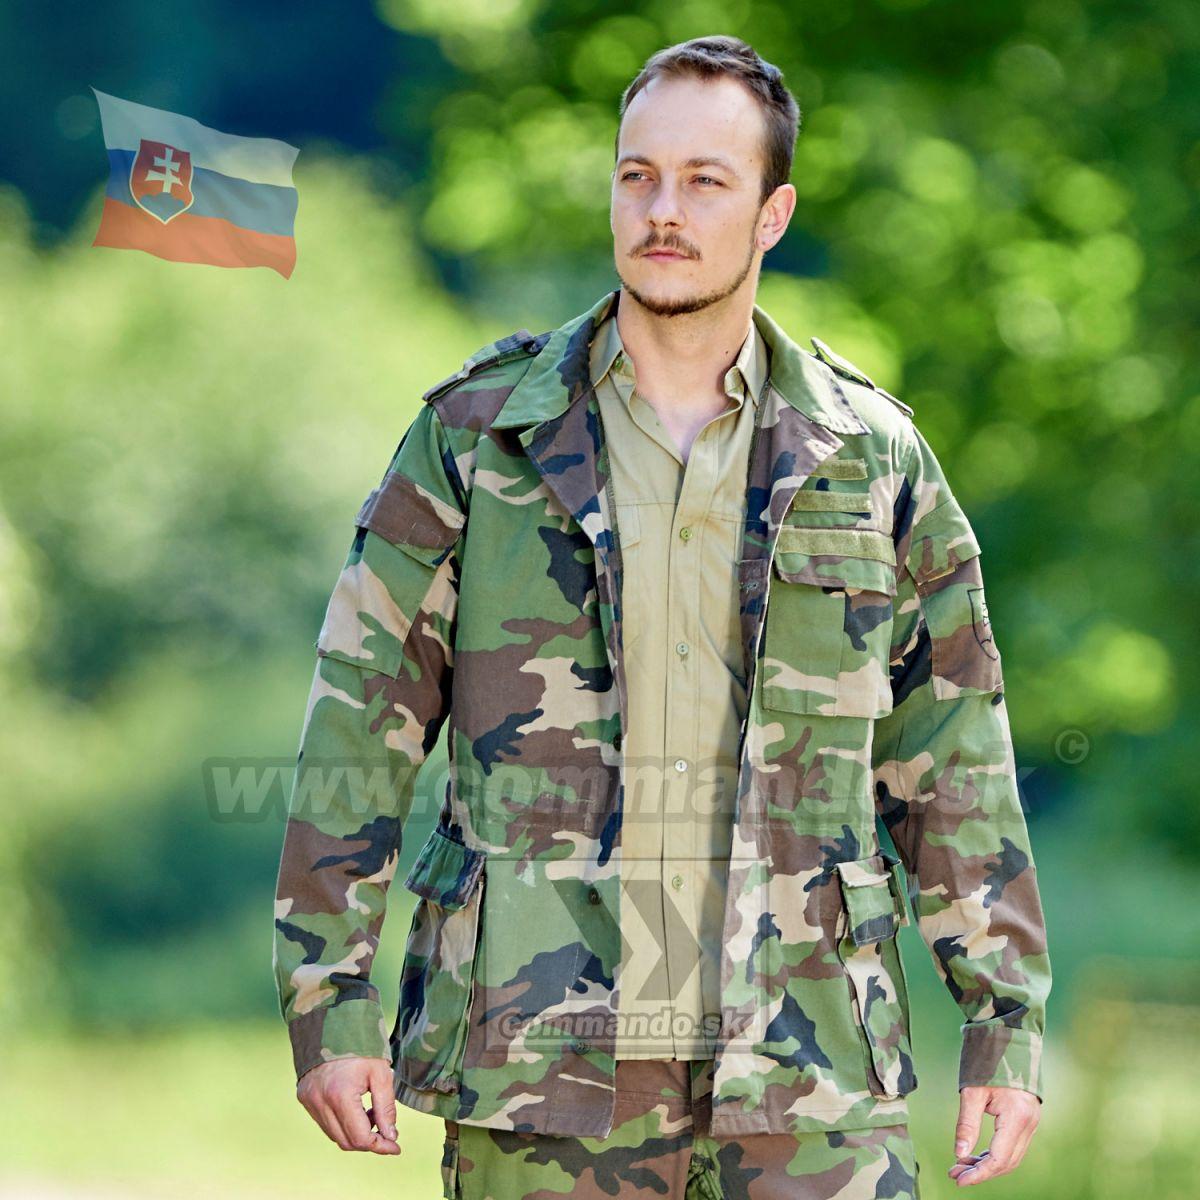 07445b9fc Slovenská vojenská blúza vz97 | Commando.sk